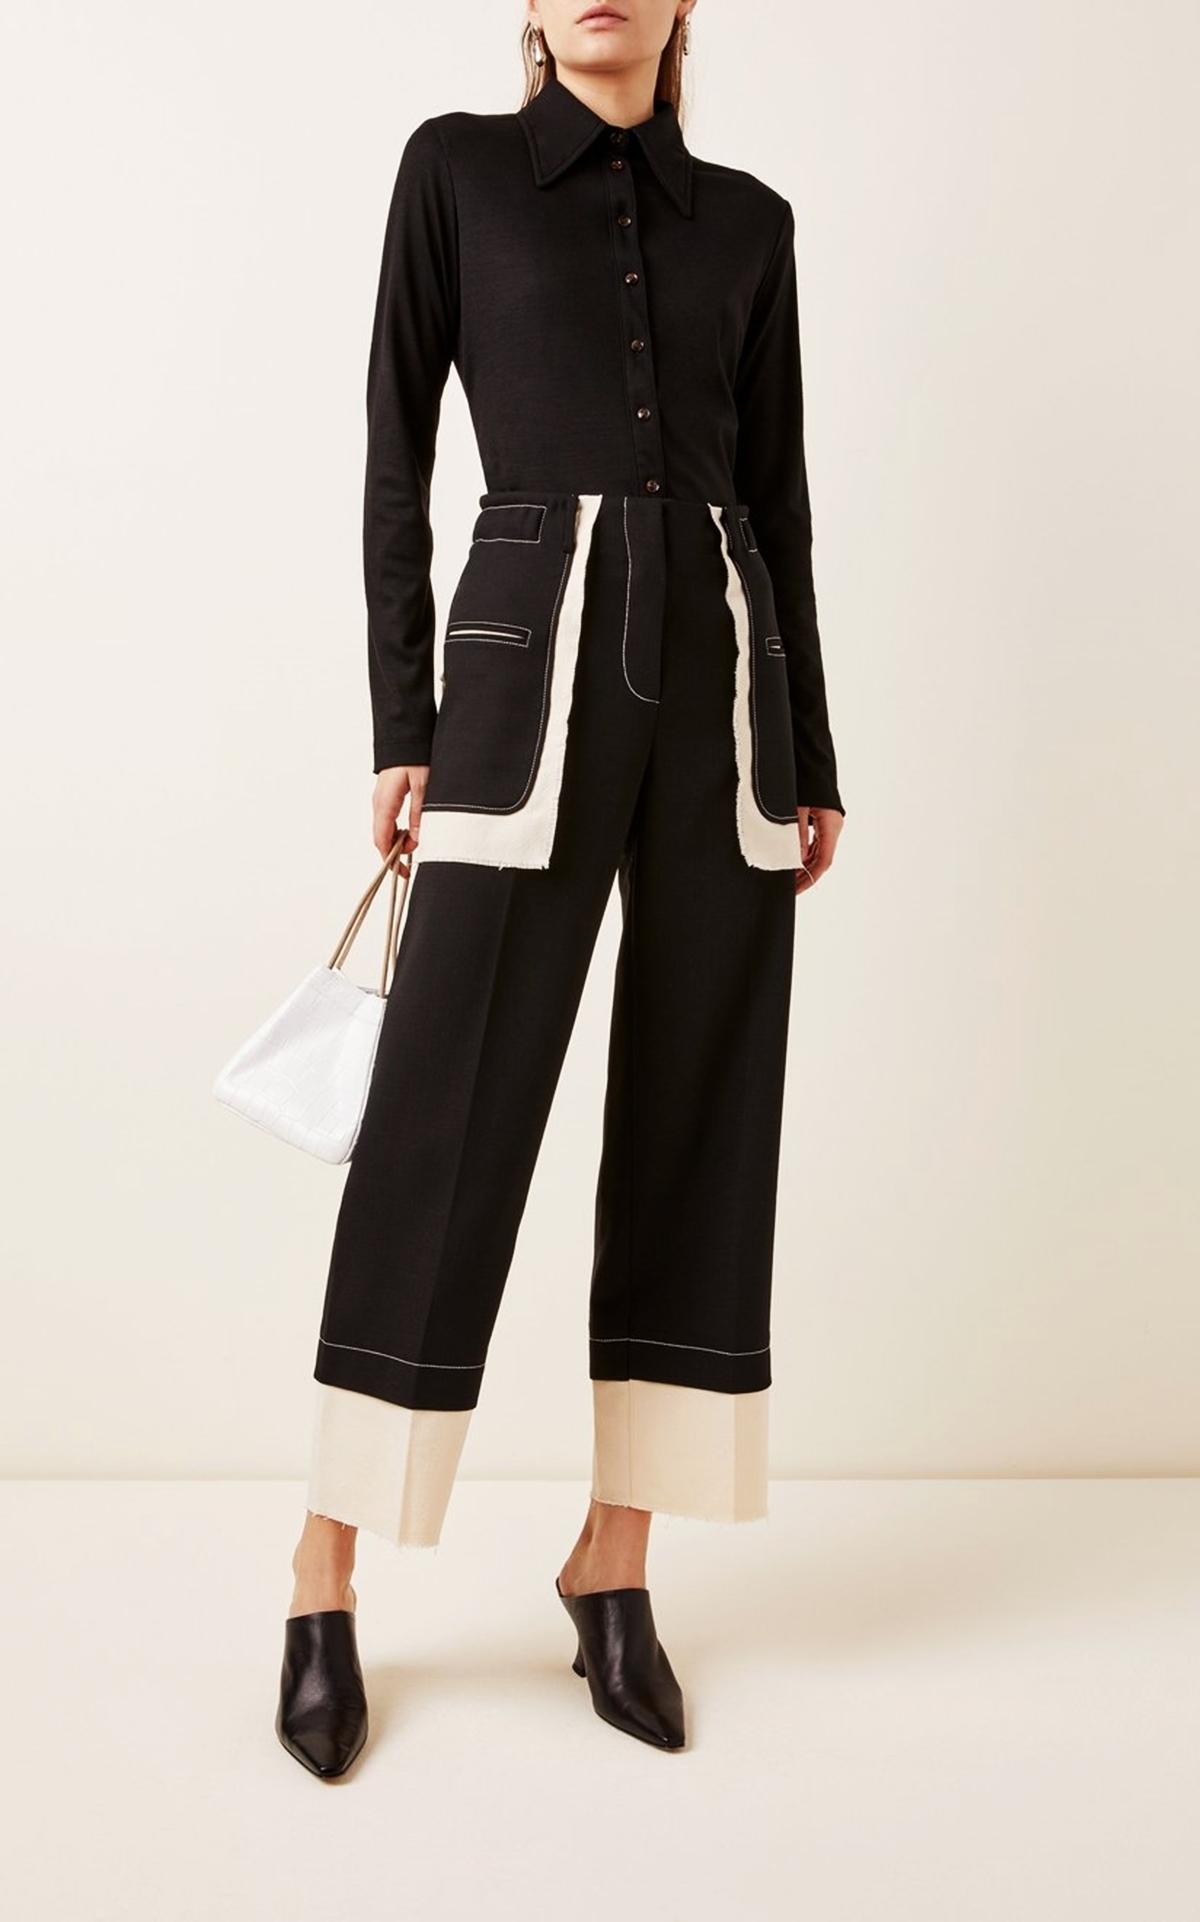 Rejina Pyo ra mắt thiết kế chắp vá các mảng màu đen trắng, giá 438 USD (hơn 10 triệu). Quần chế tác từ hỗn hợp vải len, nhấn vào những đường chỉ khâu màu tương phản .